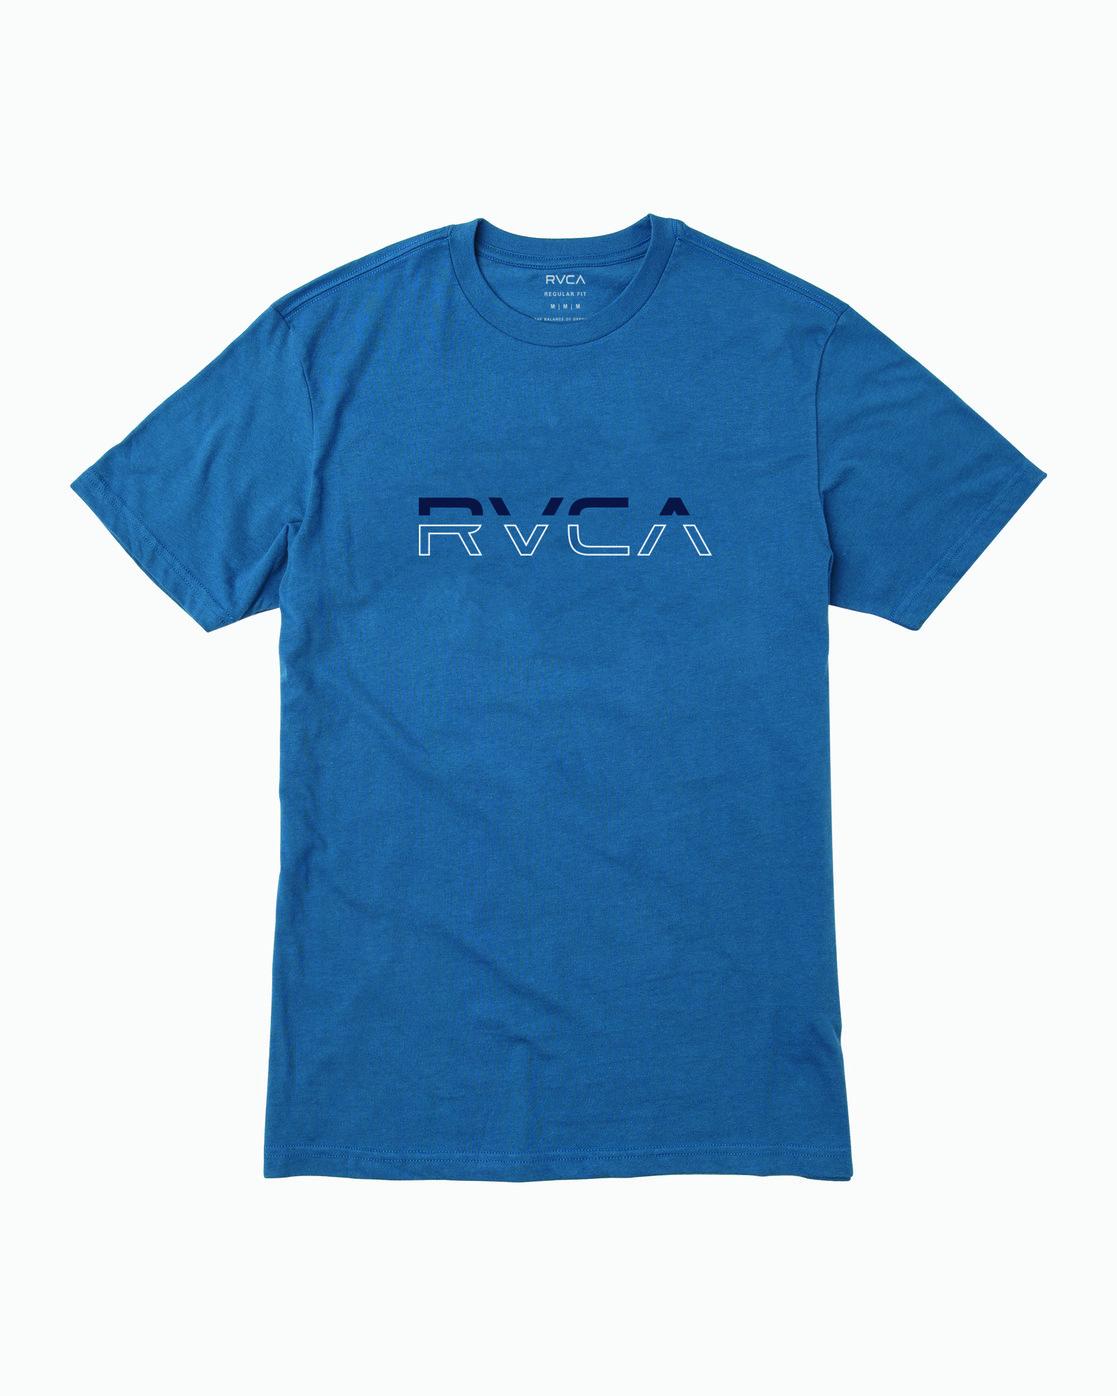 0 SPLIT PIN T-SHIRT Blue M4011RSP RVCA